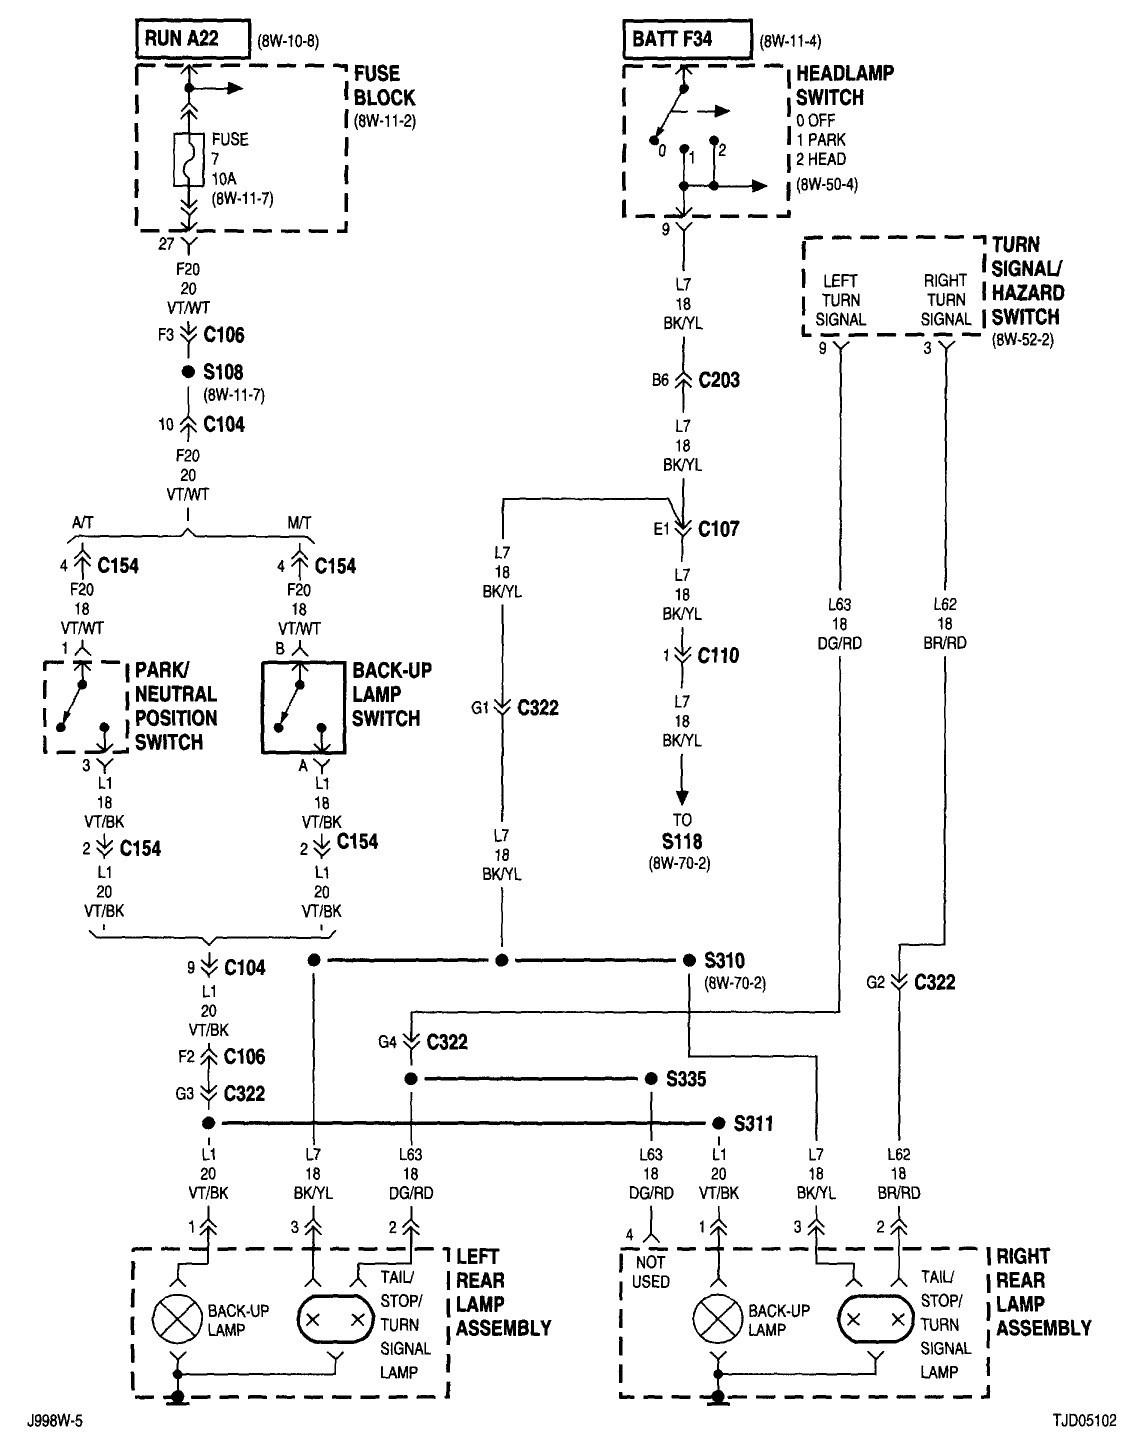 DIAGRAM] 1987 Jeep Wrangler Ignition Switch Wiring Diagram FULL Version HD  Quality Wiring Diagram - 3DPRINTDIAGRAM.FABRICELEFEVREINSTITUT.FRfabrice lefevre institut